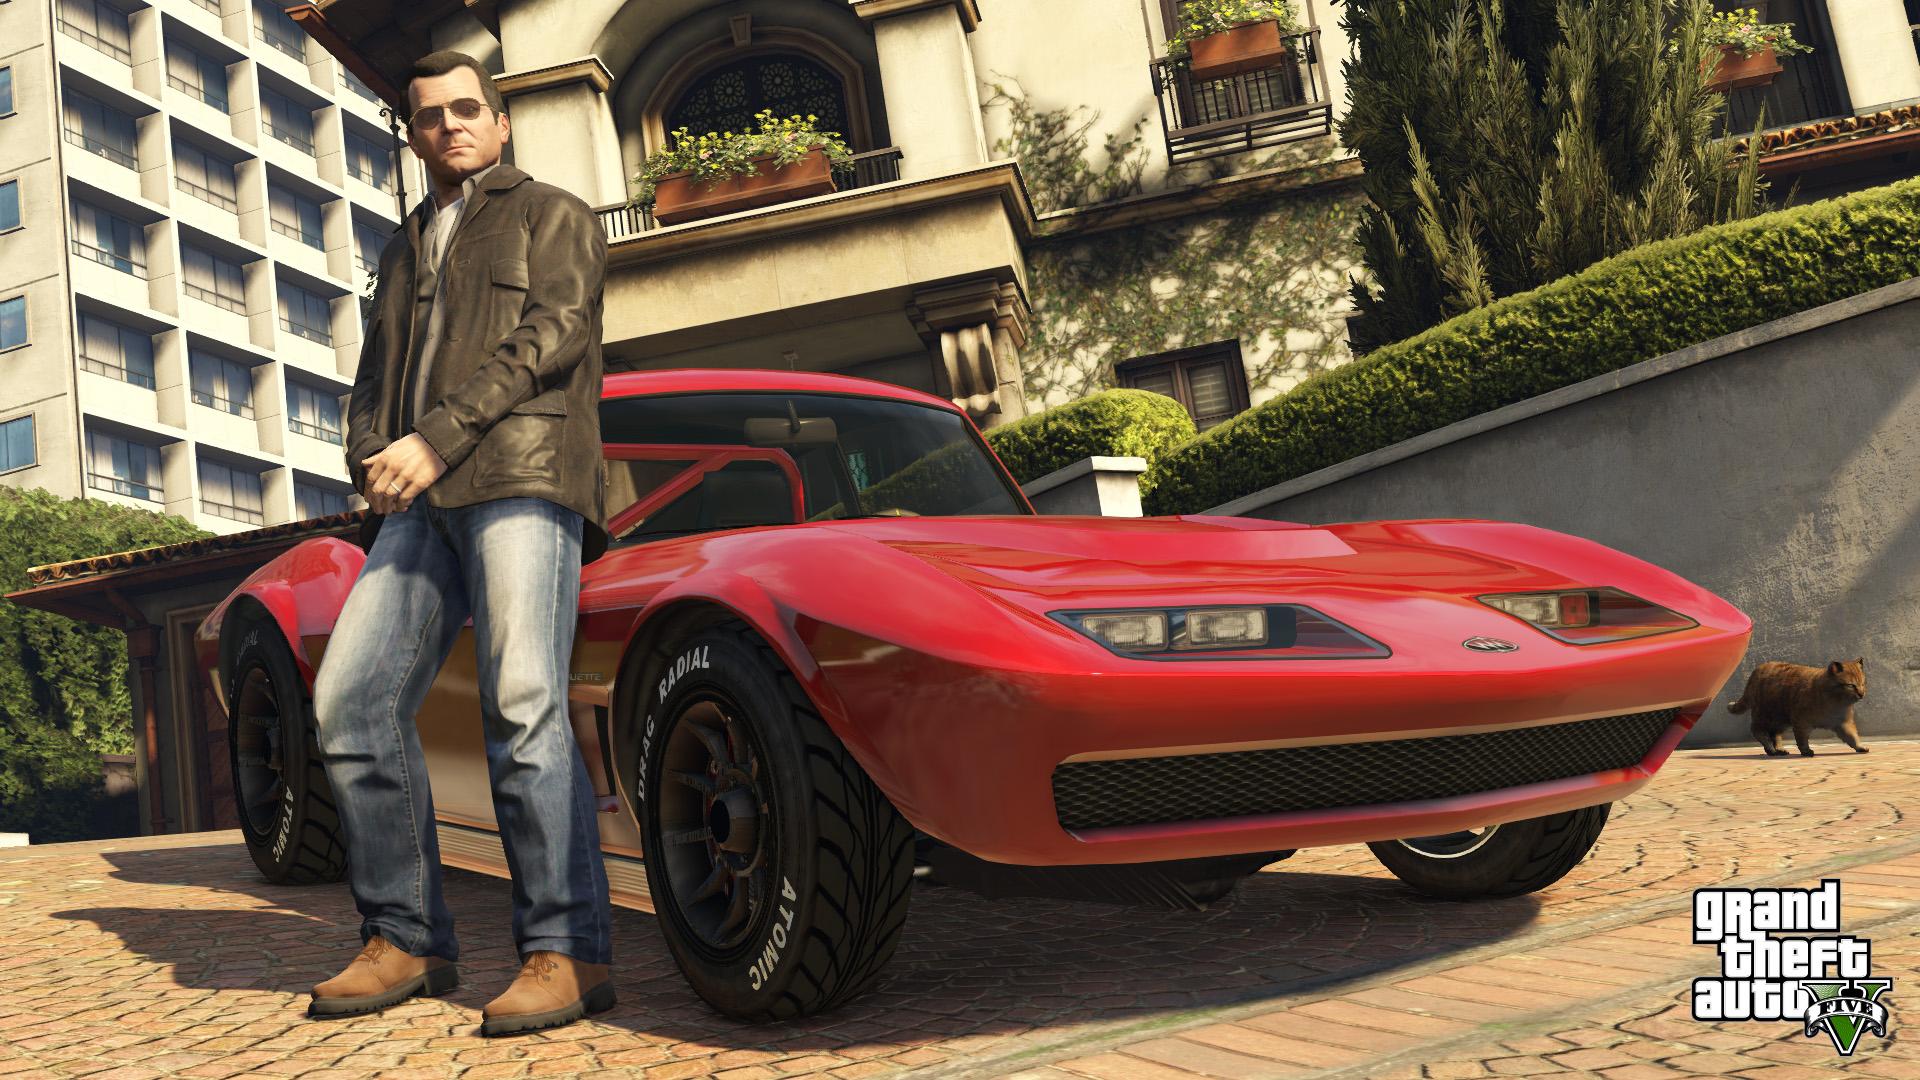 Grand Theft Auto V na nové konzole za akční cenu 100464